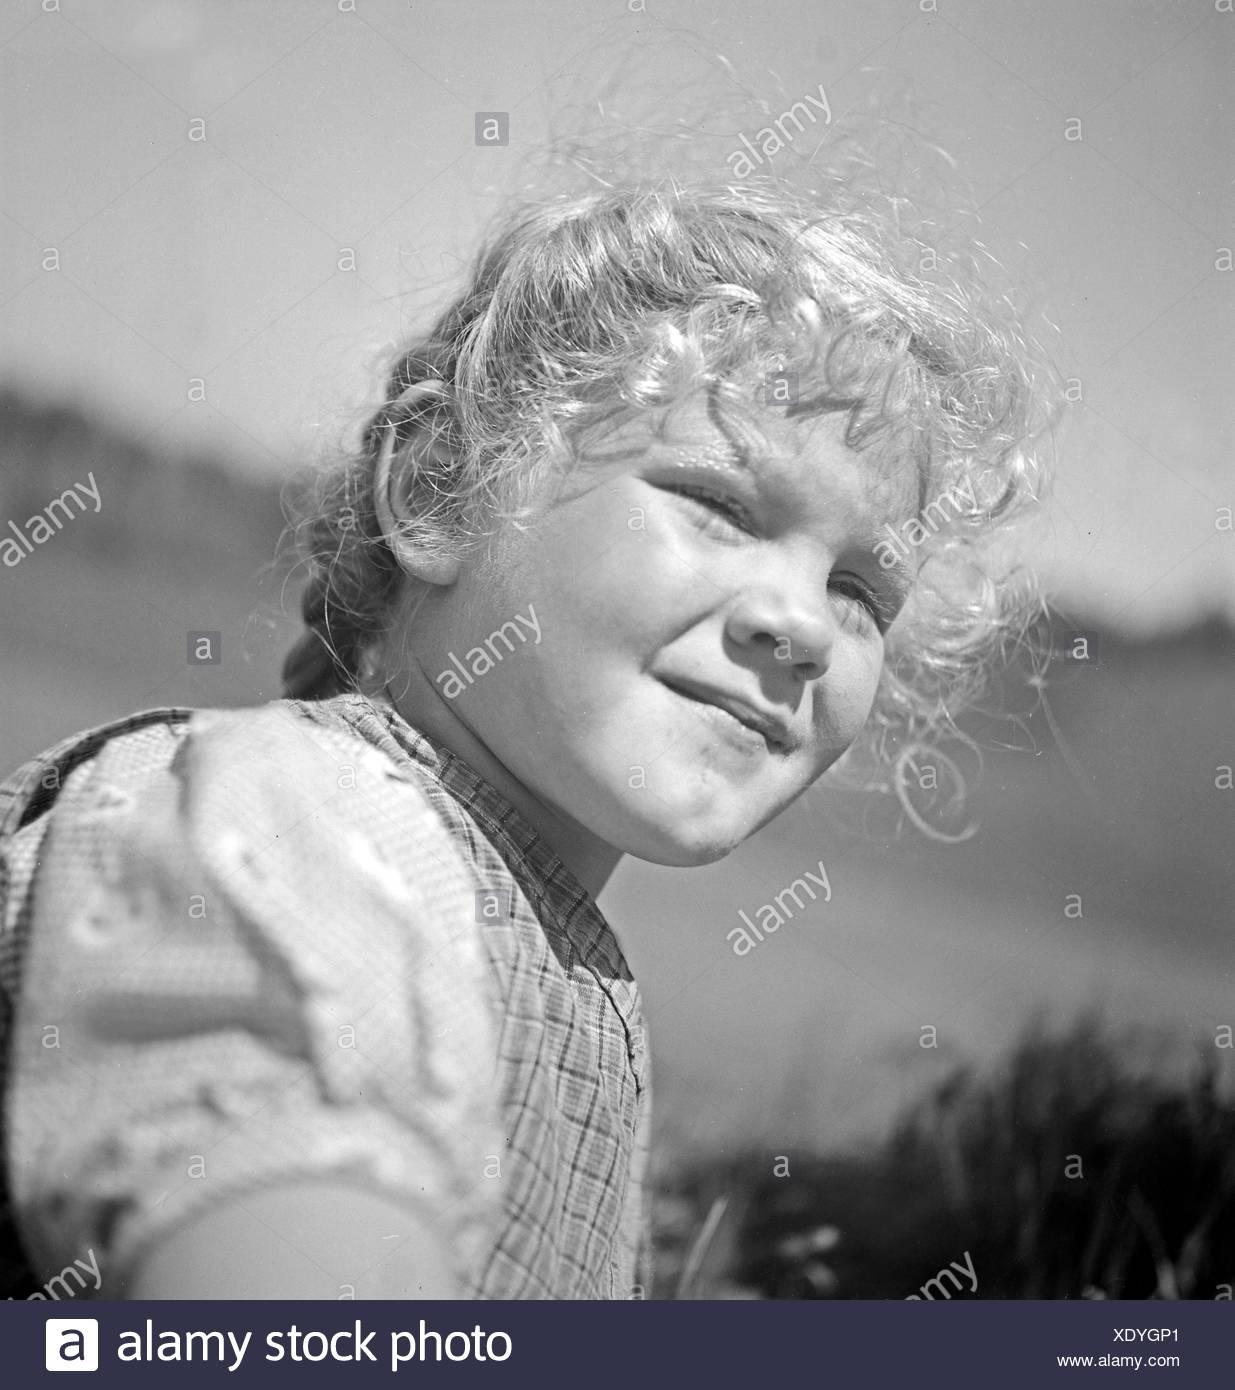 Porträt Eines Kleinen Mädchen in Den Bergen von Österreich, 1930er Jahre. Porträt eines Mädchens in den Bergen von Österreich, 1930er Jahre. Stockbild